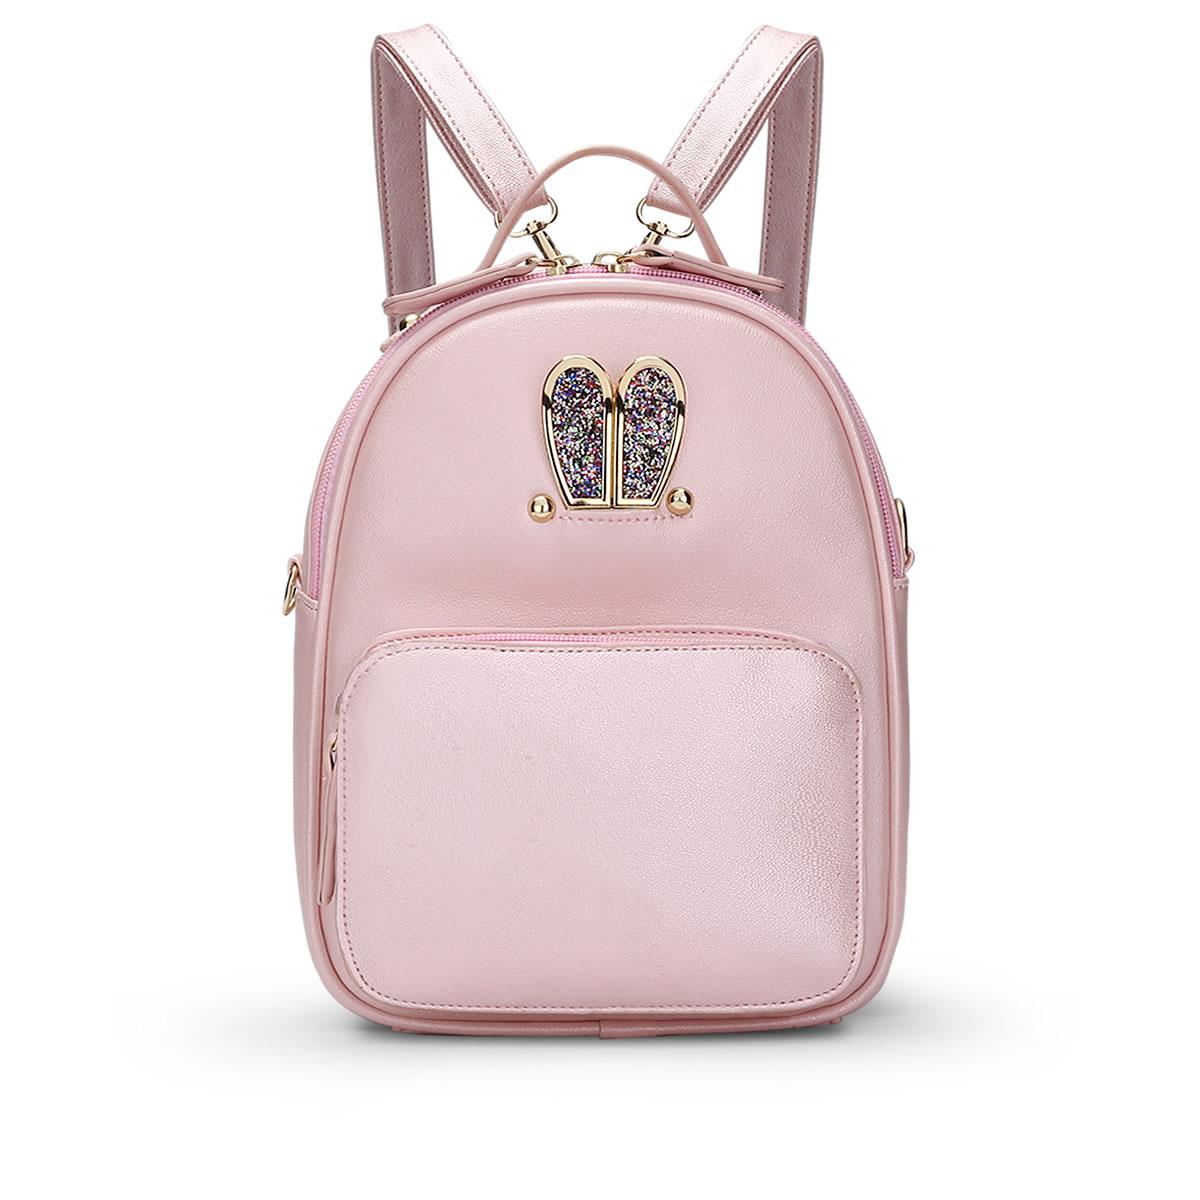 Купить сумку-рюкзак в интернет магазине недорого рюкзак stiga stripes